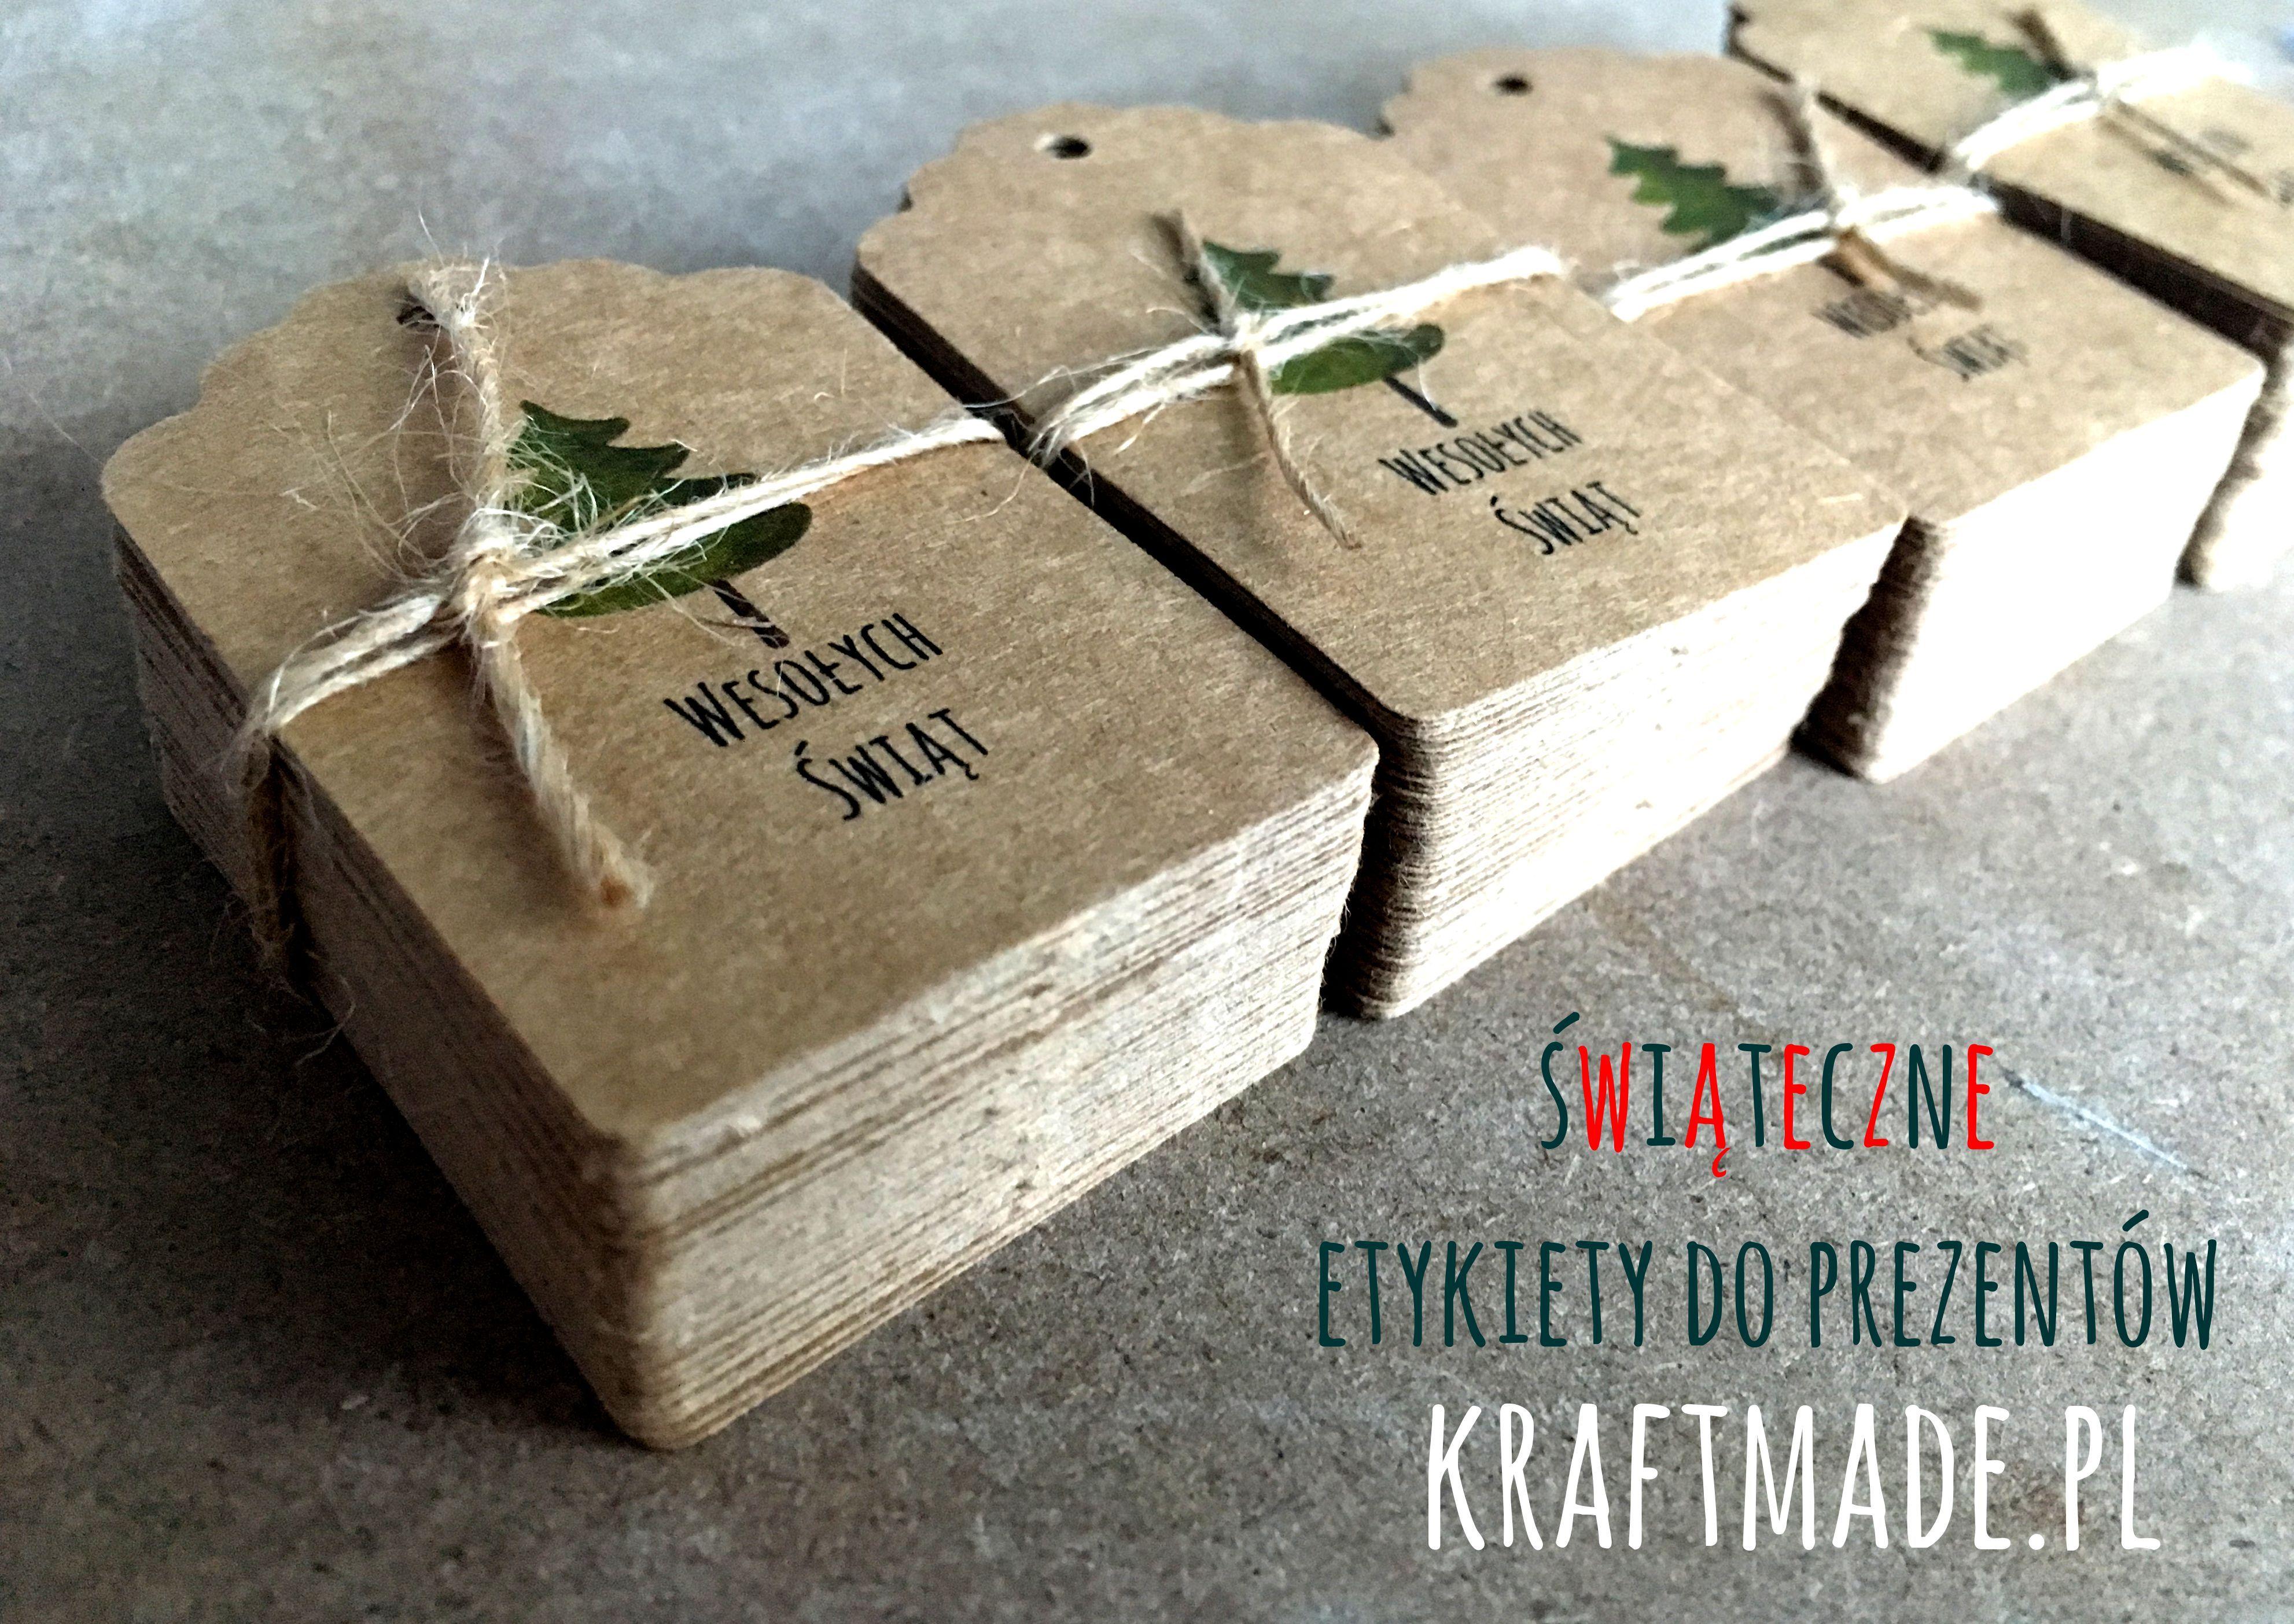 Etykiety Zawieszki 5 Szt Swiateczne Eko Kraft Kraftmade Gift Wrapping Gifts Kraft